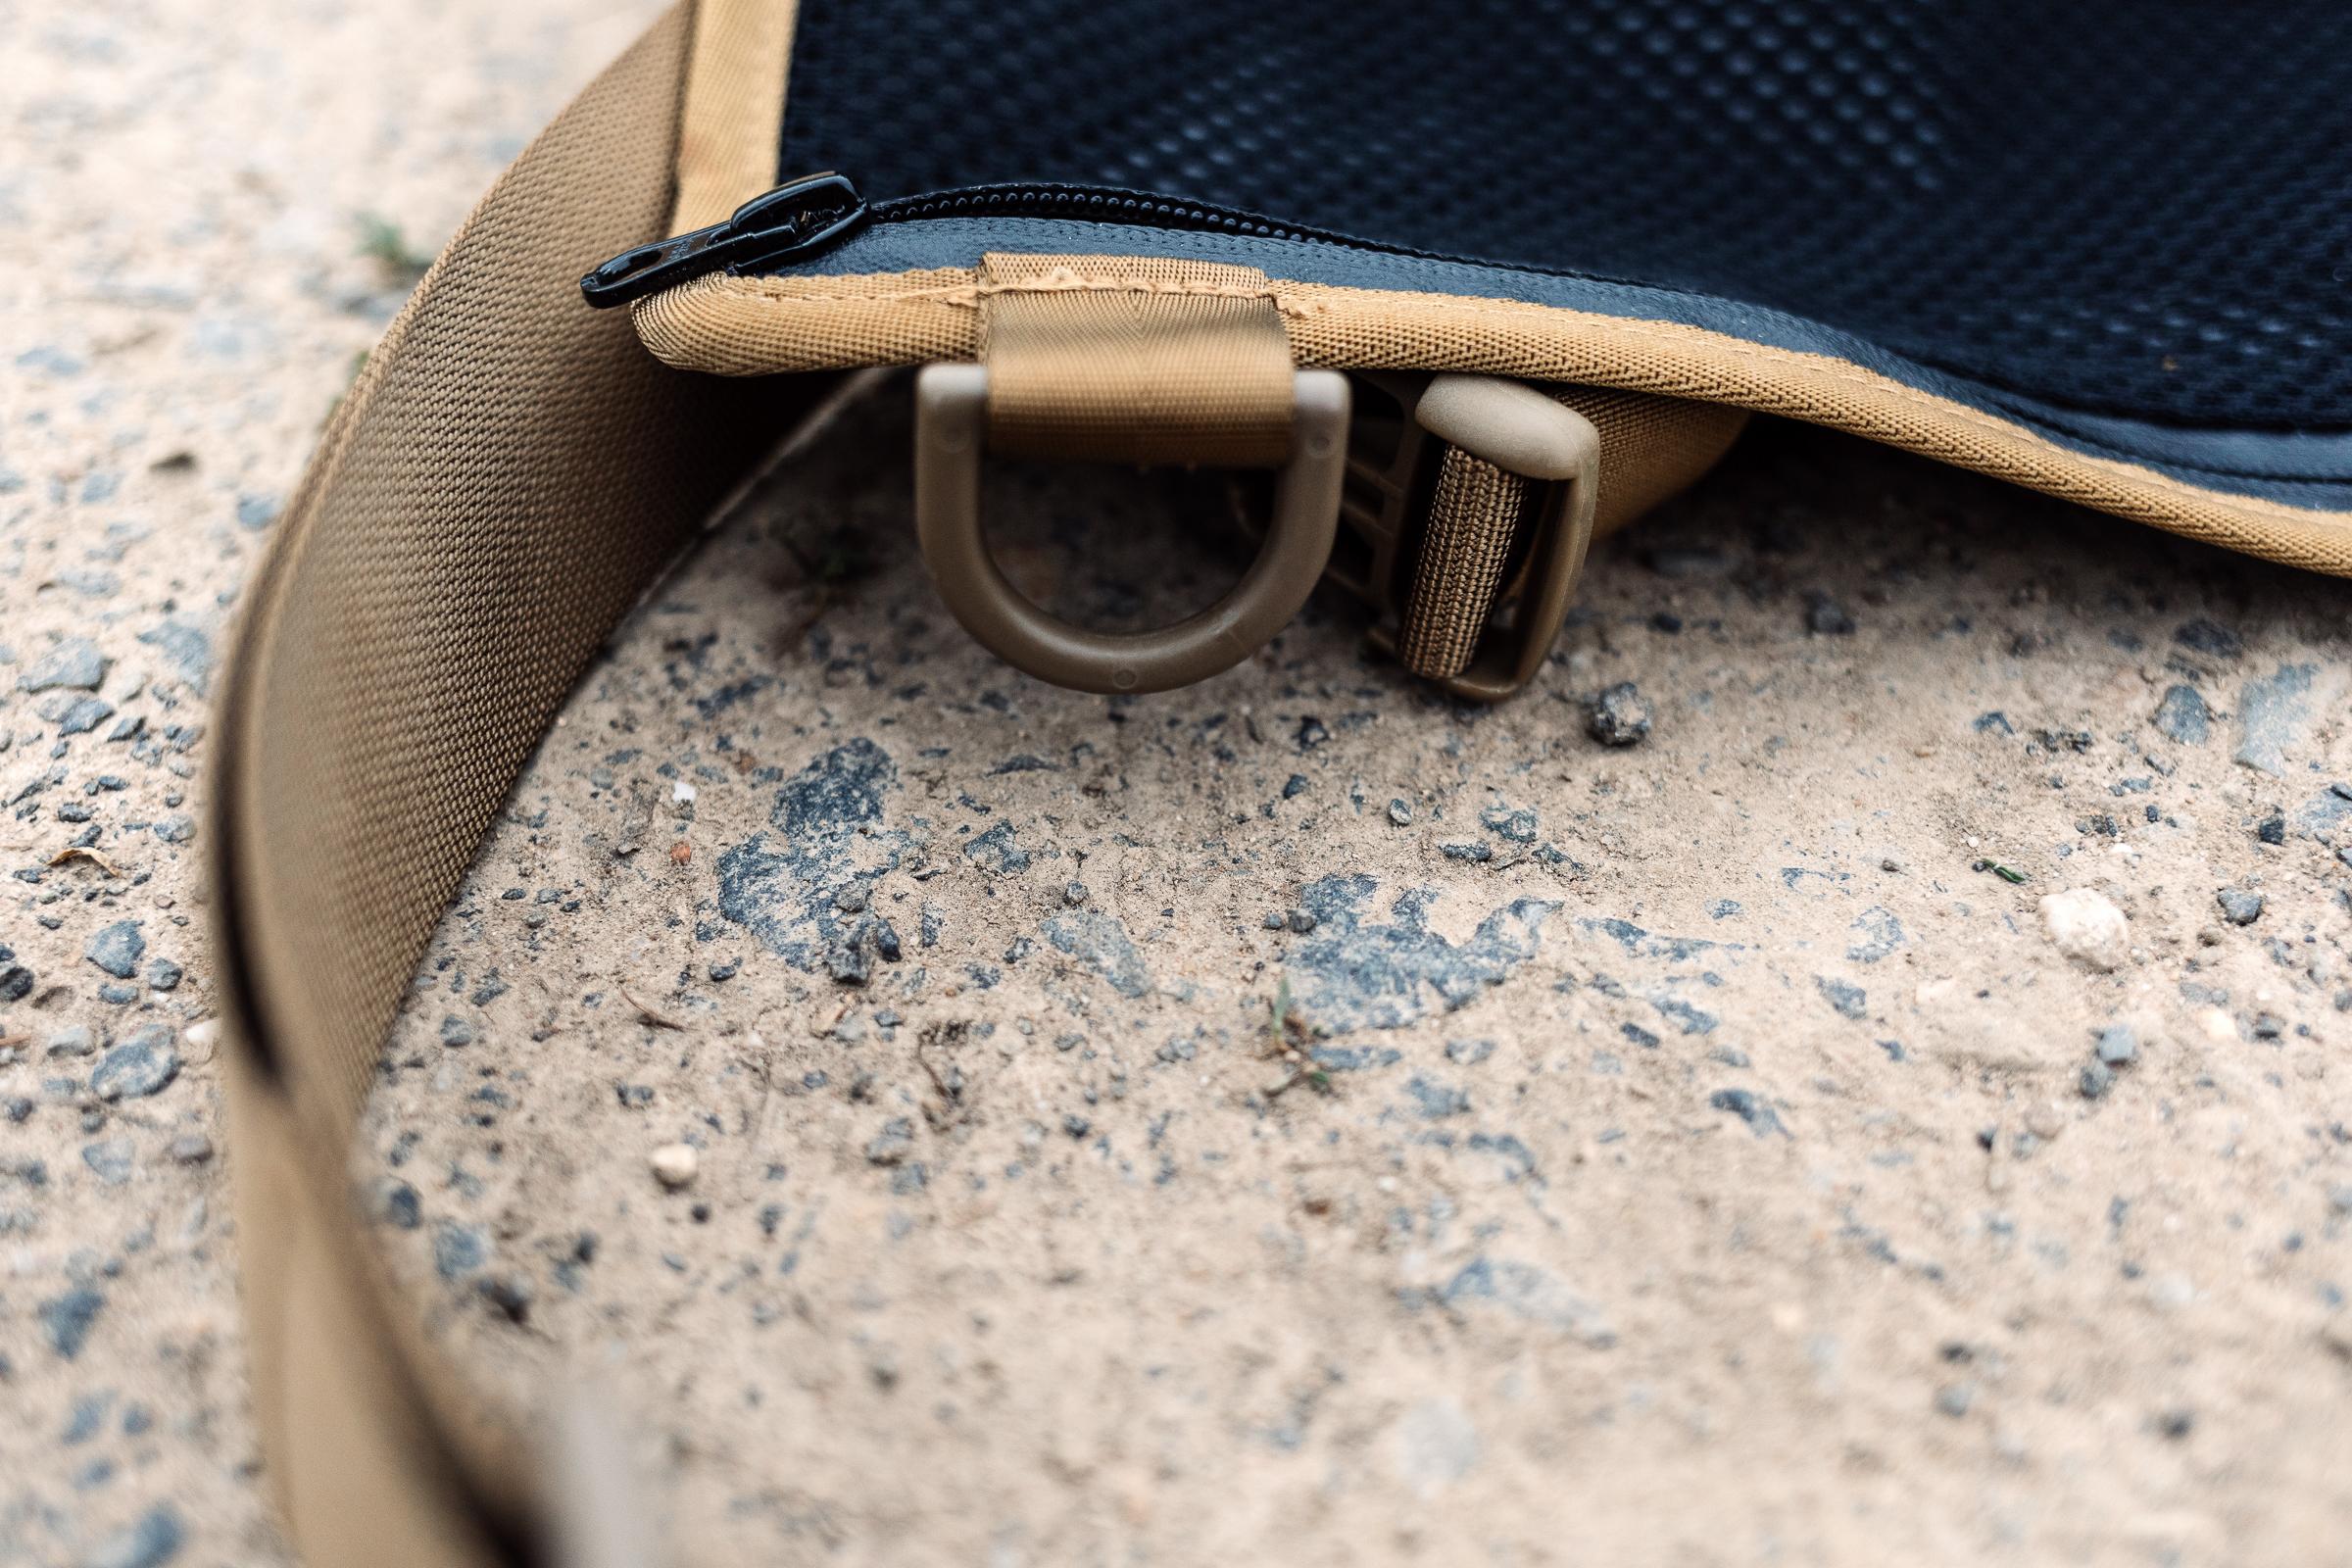 Werkzeugtasche Tool-Roll von Nakatanenga - Stabile Ösen zum Verschließen und für den Tragegurt.